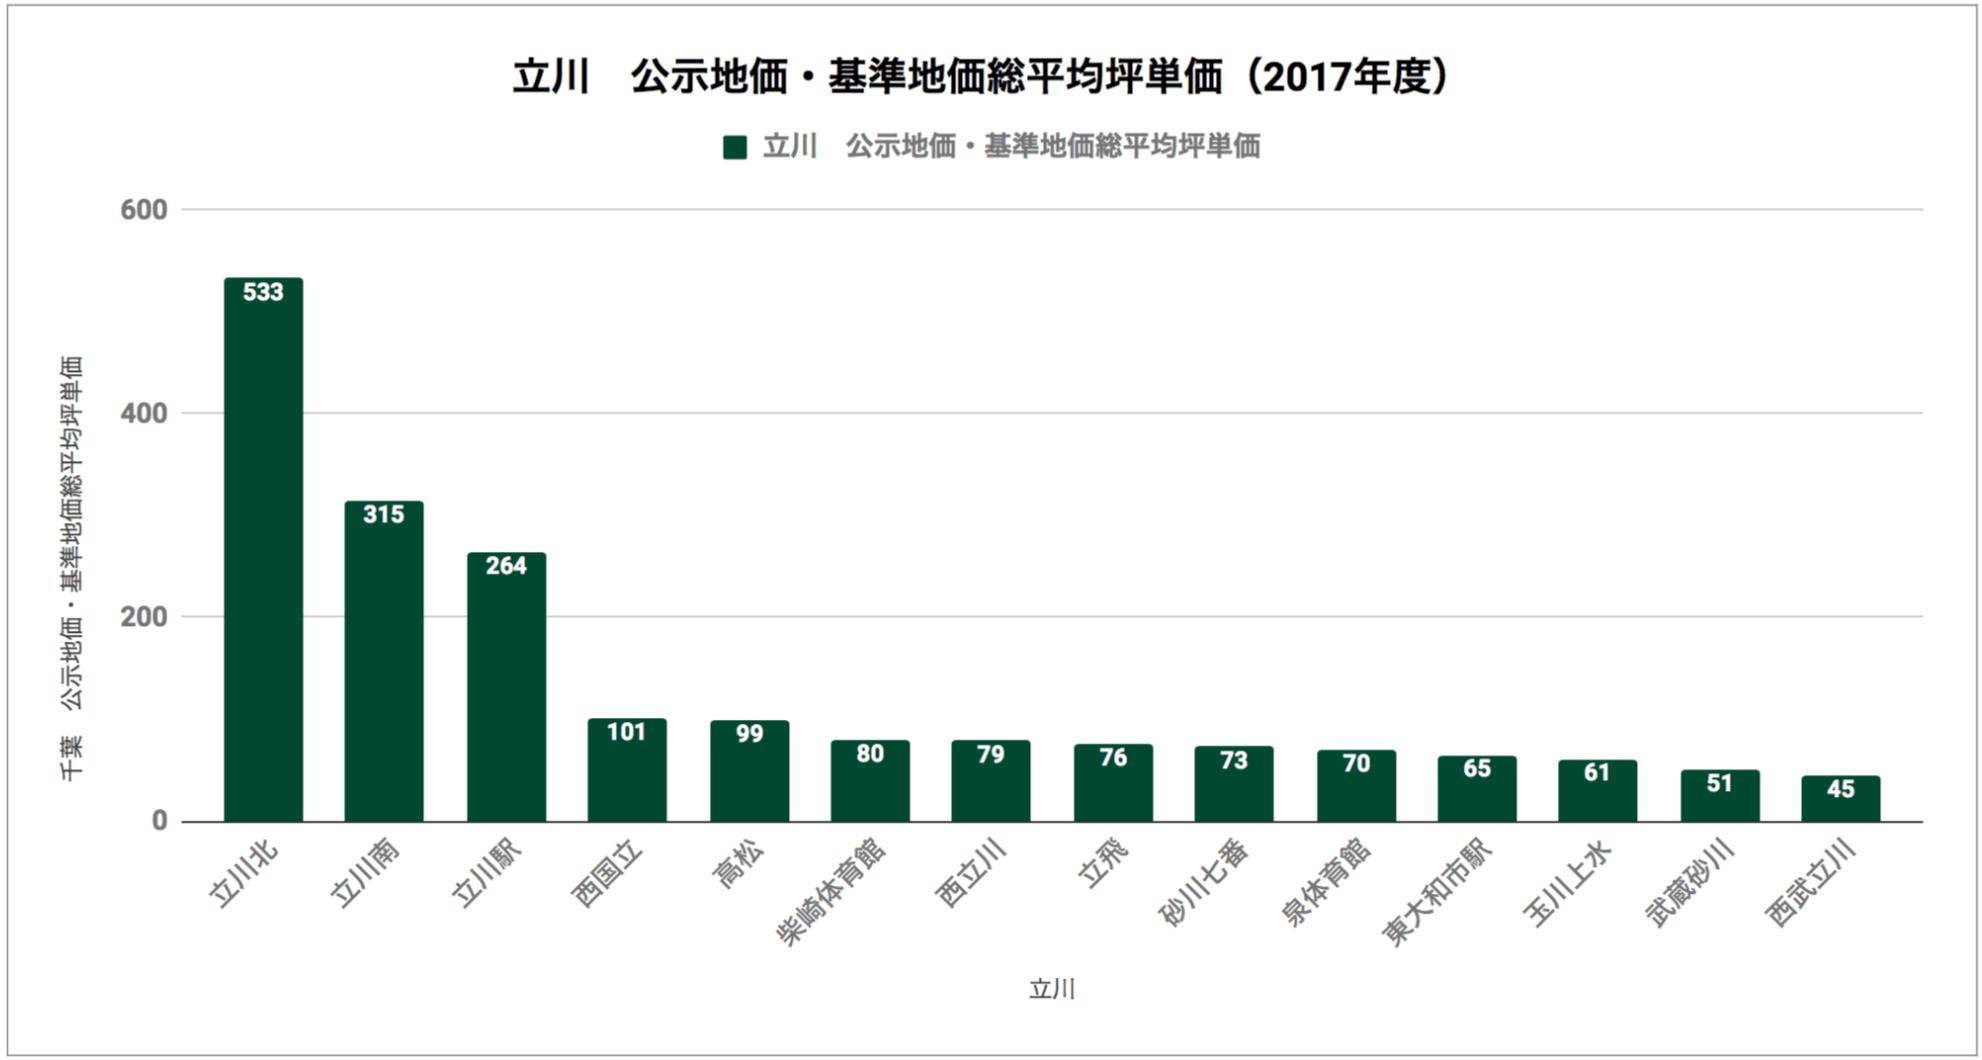 立川「公示地価・基準地価総平均坪単価(2017年度)」